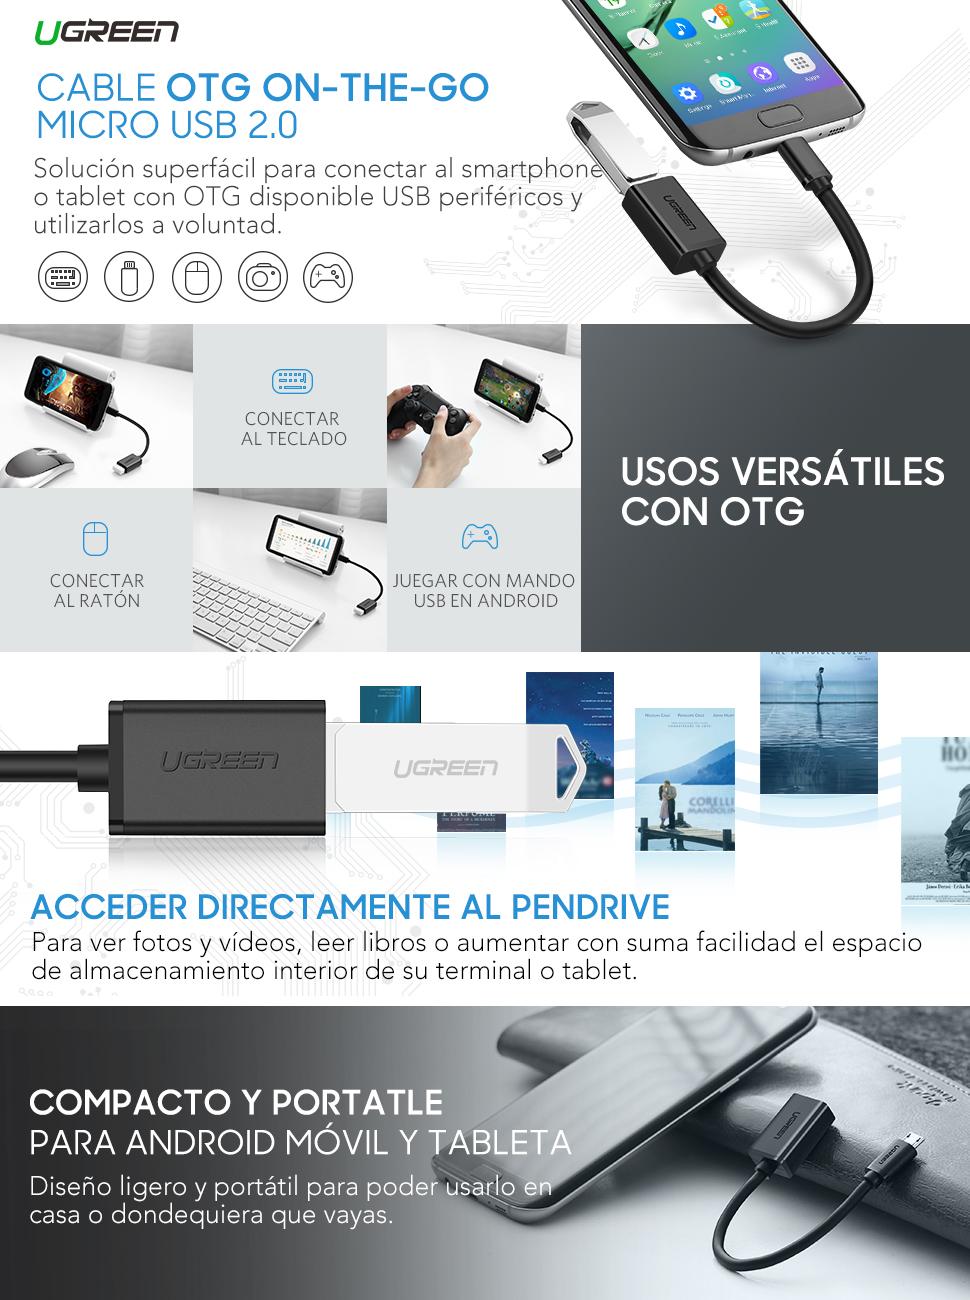 23ef8589c75 Este cable OTG tiene que conectar micro usb de teléfono con OTG función para  agregar un dispositvo con USB hembre. puede enviar los archivos  directamente ...